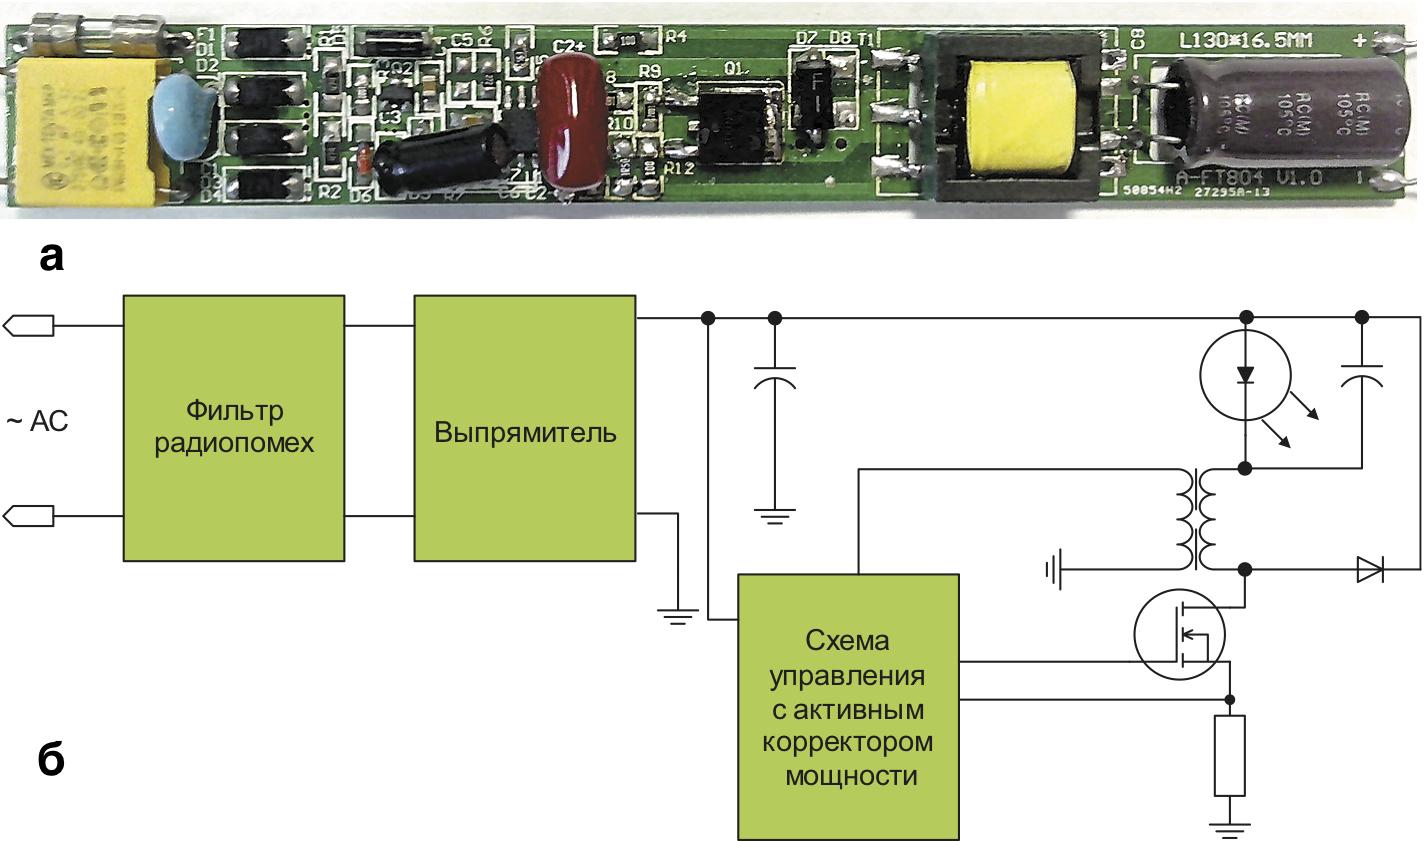 Драйвер No 2 для 10-Вт ламп Т8 с контролем выходного тока через цепь обмотки трансформатора и активным ККМ: а) внешний вид; б) блок-схема